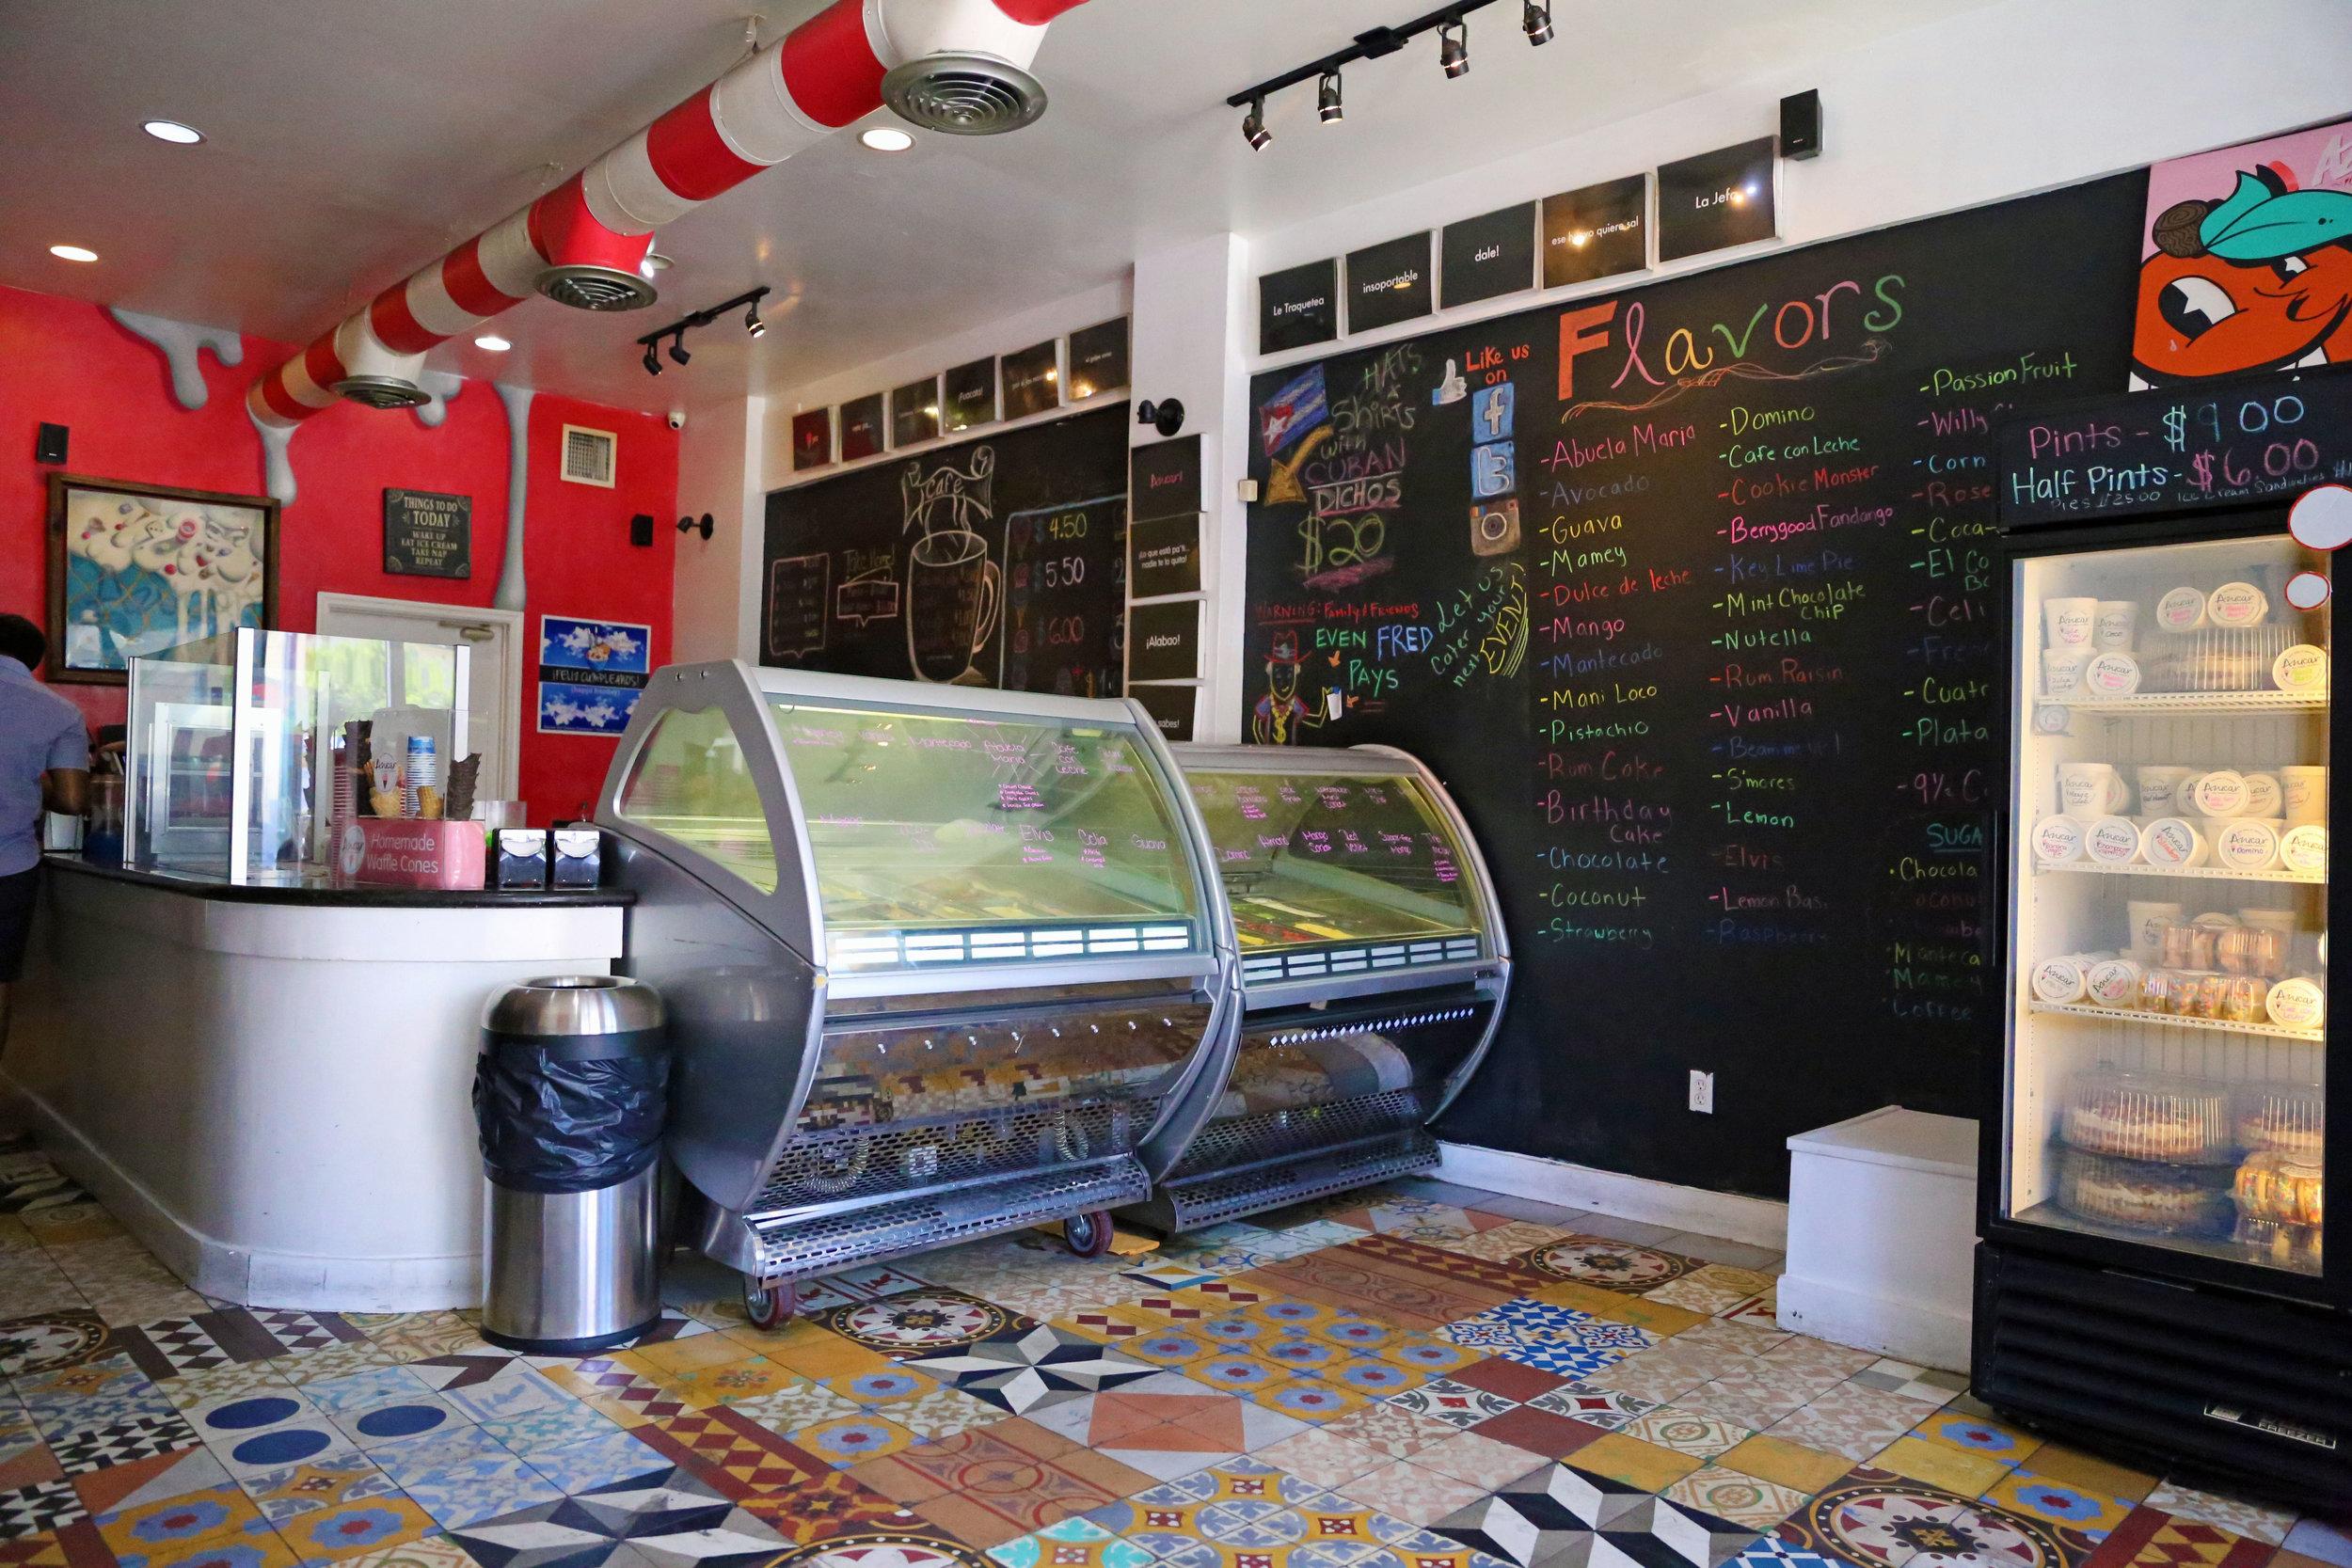 Azucar-Ice-Cream-Company-Miami-Interior.jpg